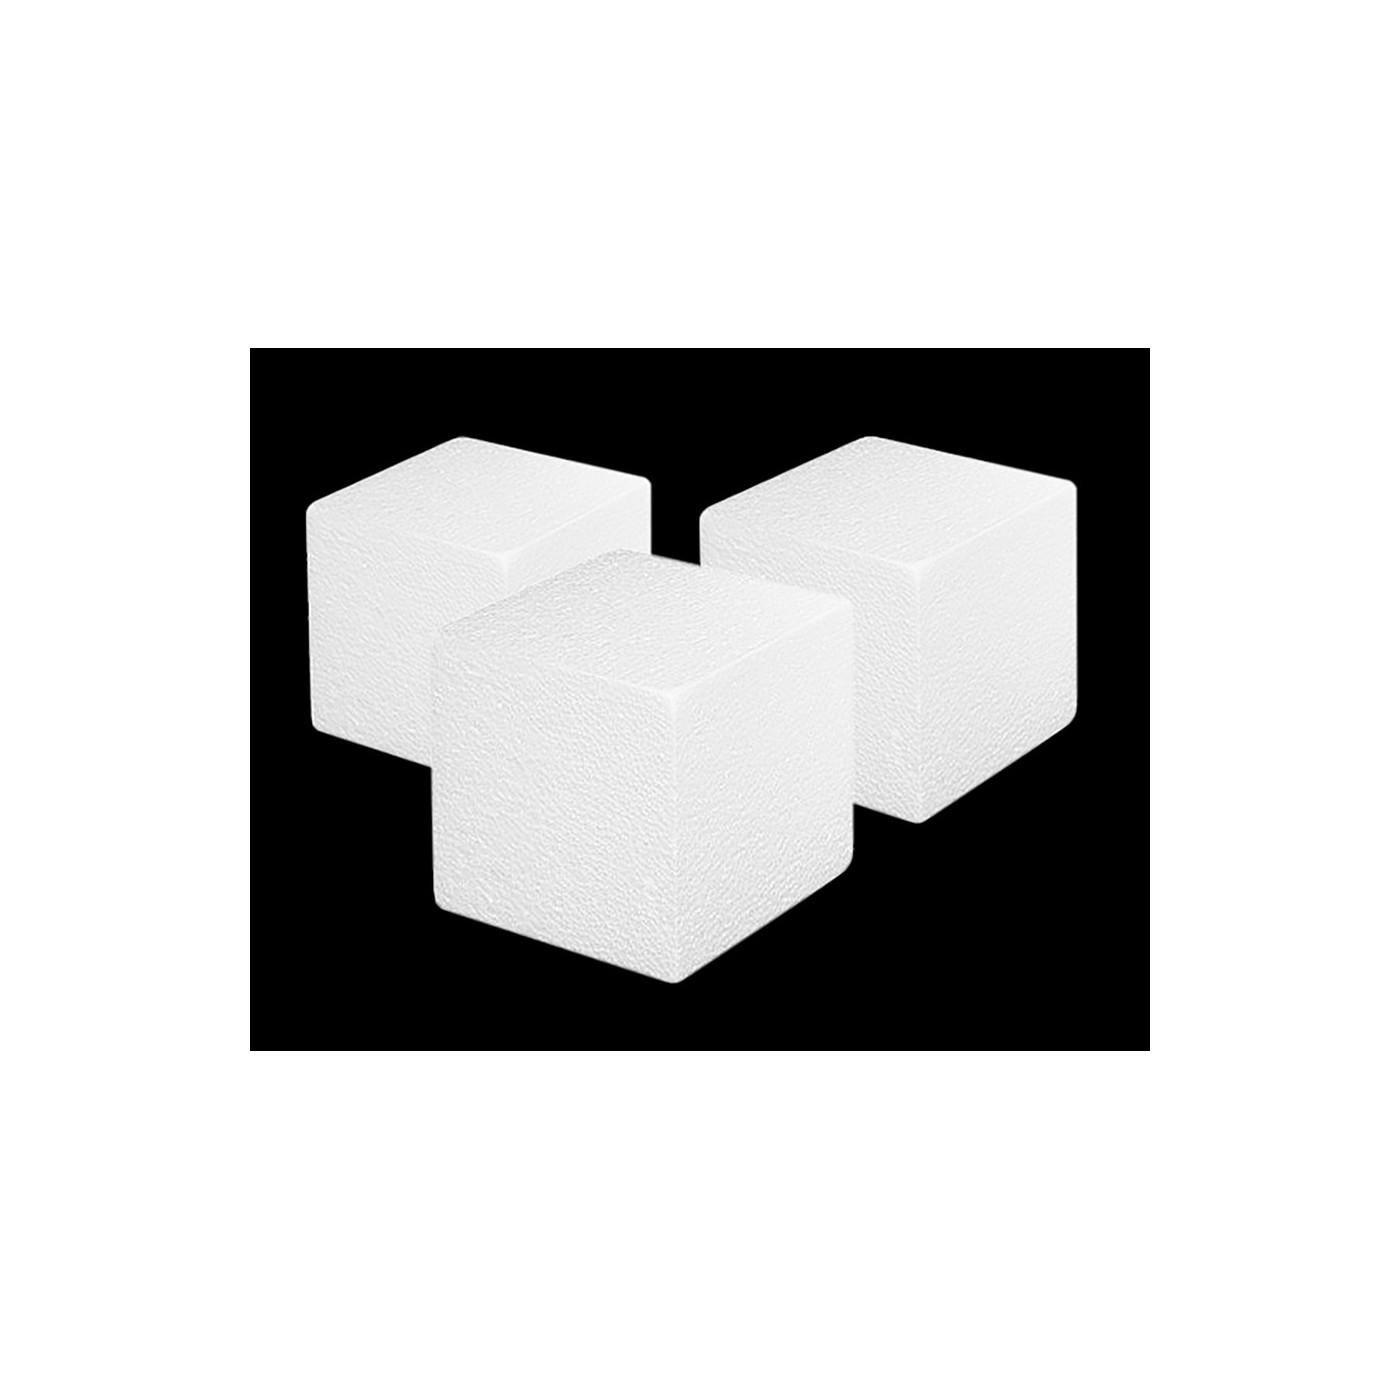 Ensemble de 20 formes en polystyrène (cube, 5x5x5 cm)